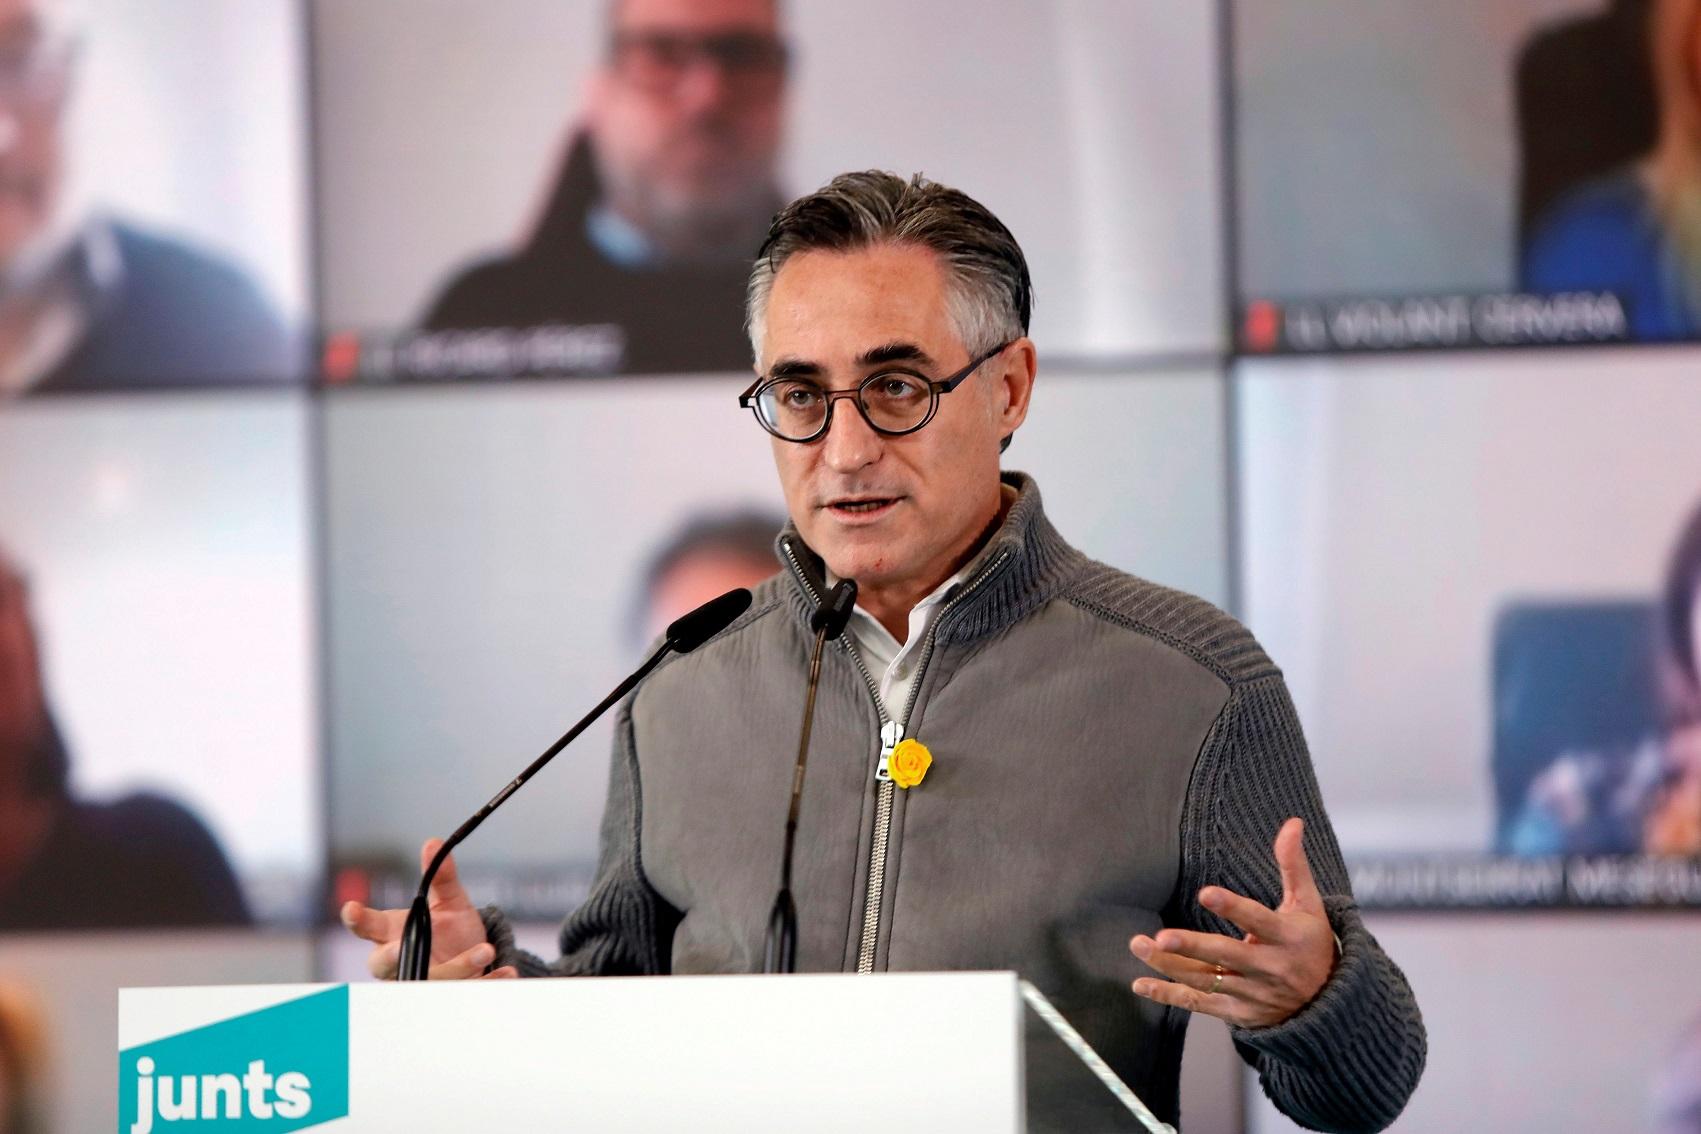 El consejero de Empresa y Conocimiento y también candidato de JxCat por Lleida, Ramon Tremosa, durante un acto electoral el 24 de enero de 2021 en Vilafranca del Penedès (Barcelona) | EFE/SS/Archivo